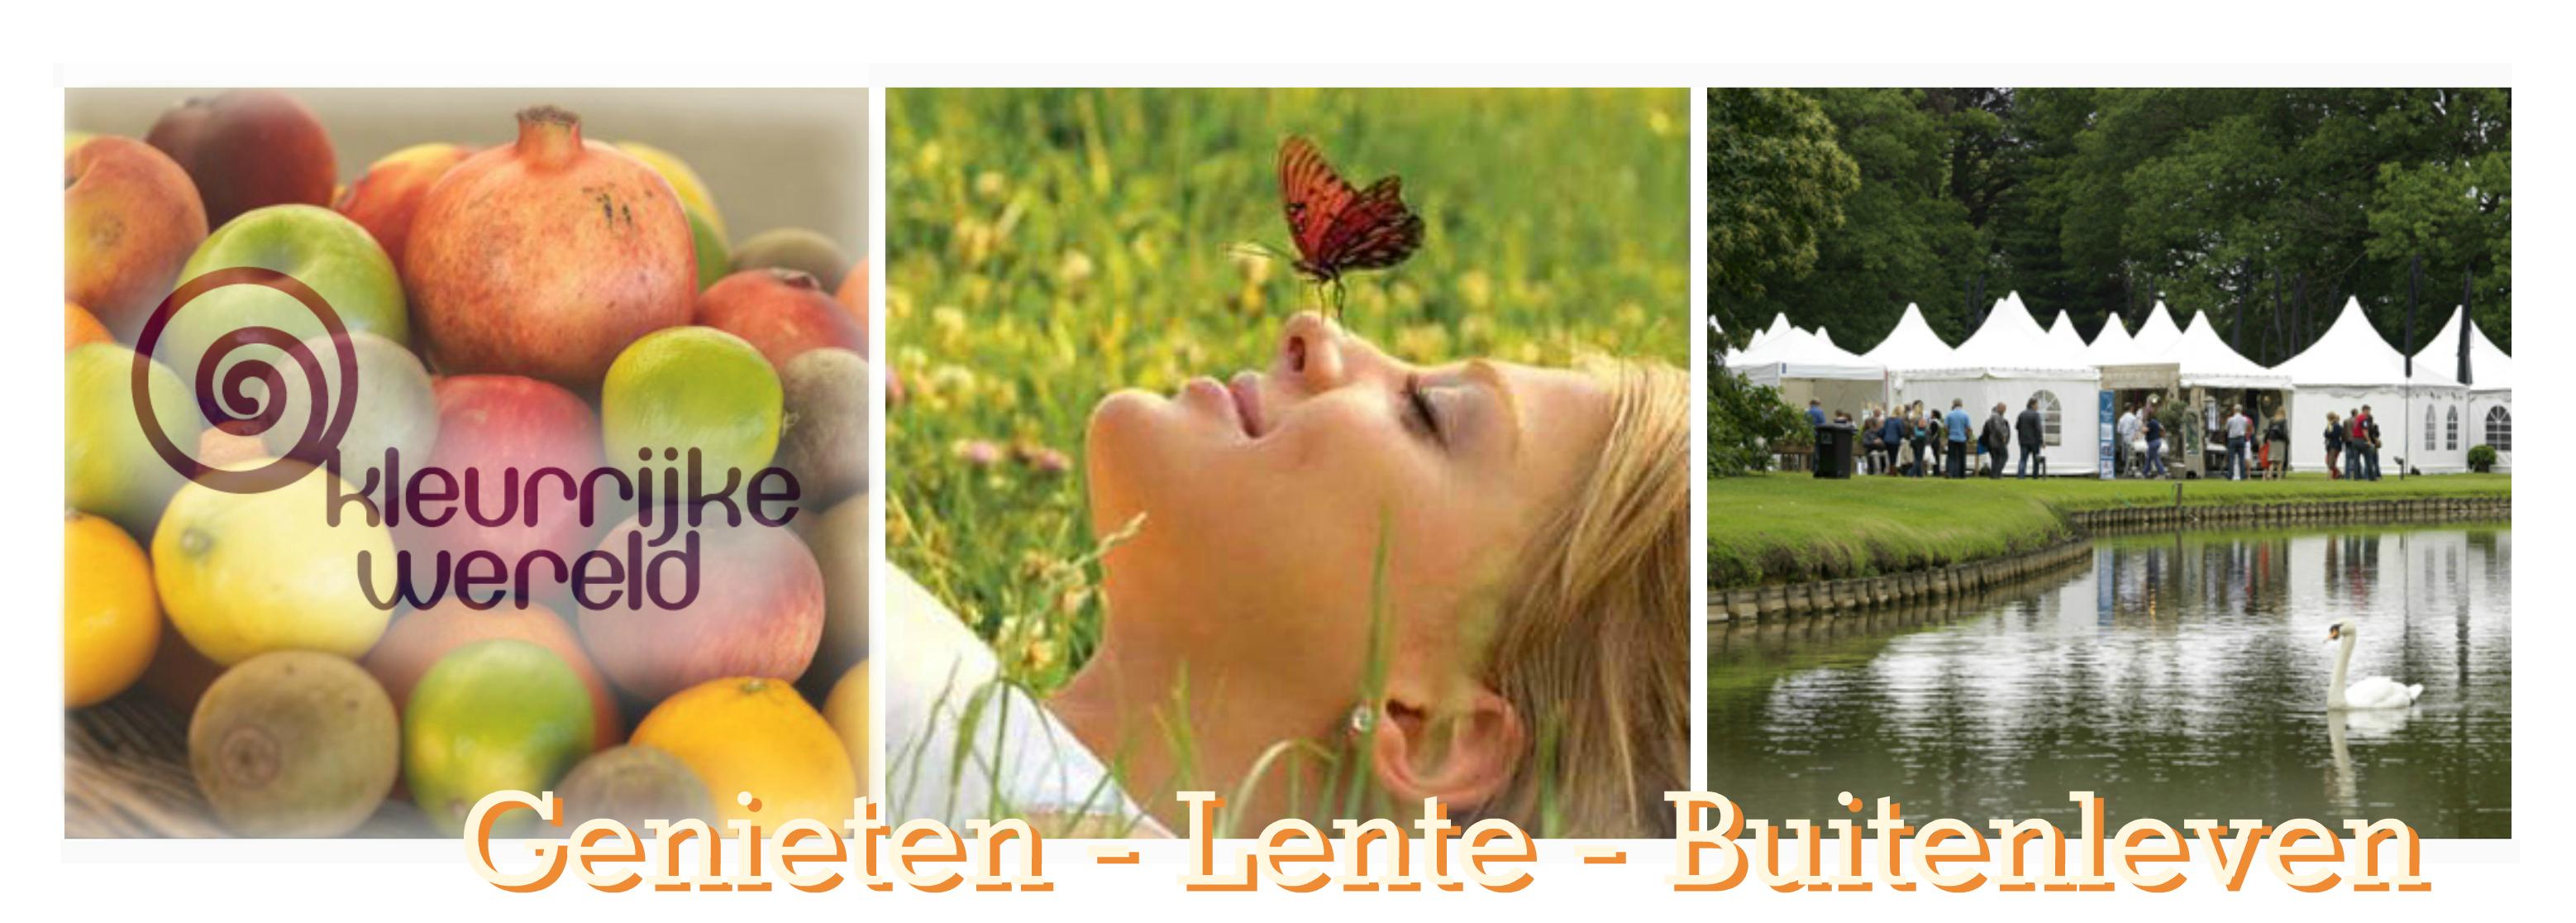 Lifestylebeurs Byckhove - Wijnegem - Antwerpen 2013 - Kleurrijke Wereld Sieraden